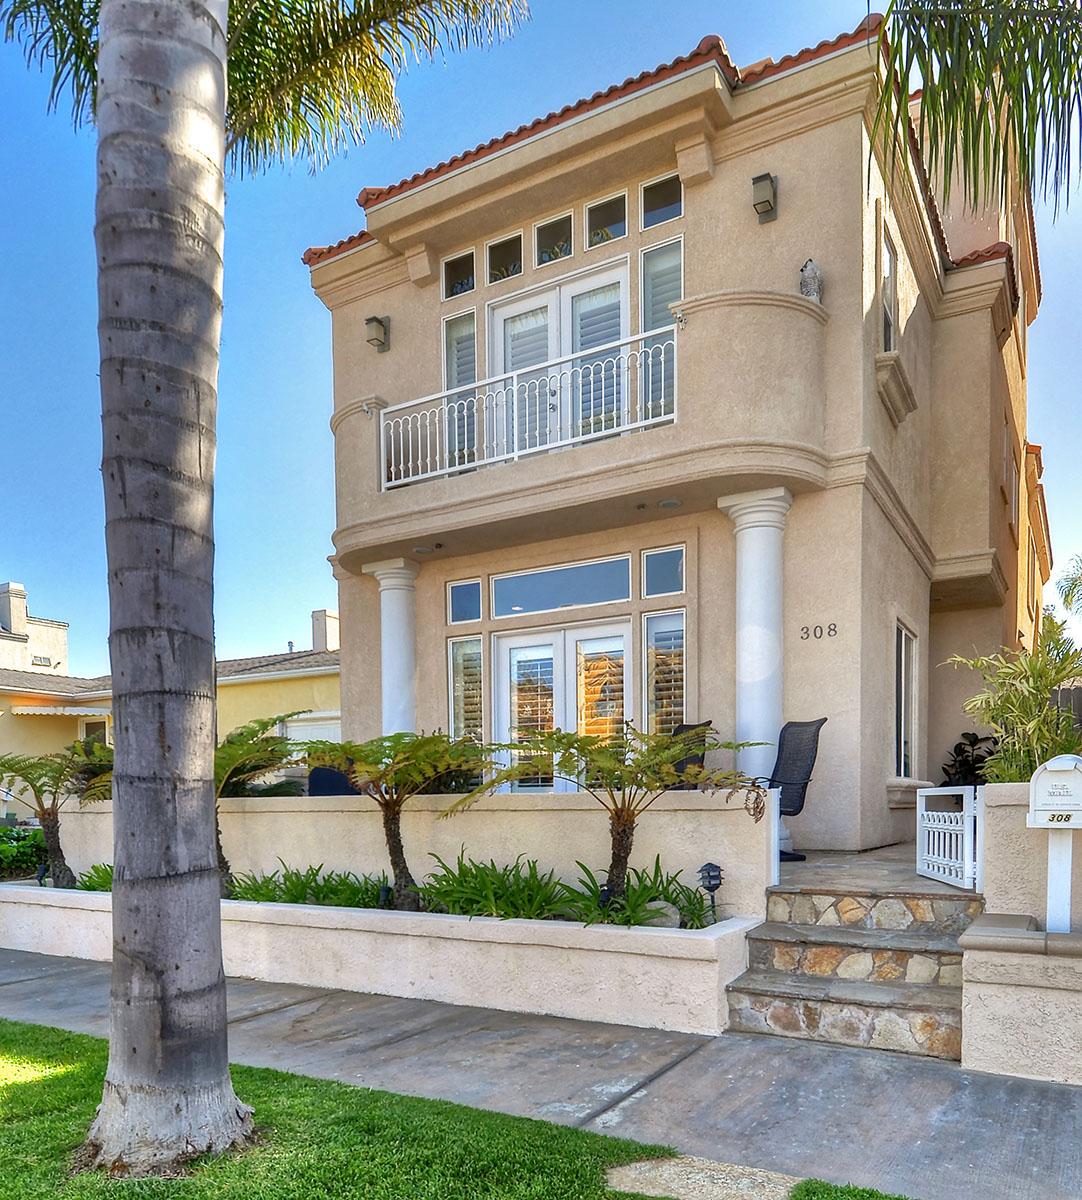 独户住宅 为 销售 在 308 Huntington Street 杭廷顿海滩, 加利福尼亚州, 92648 美国